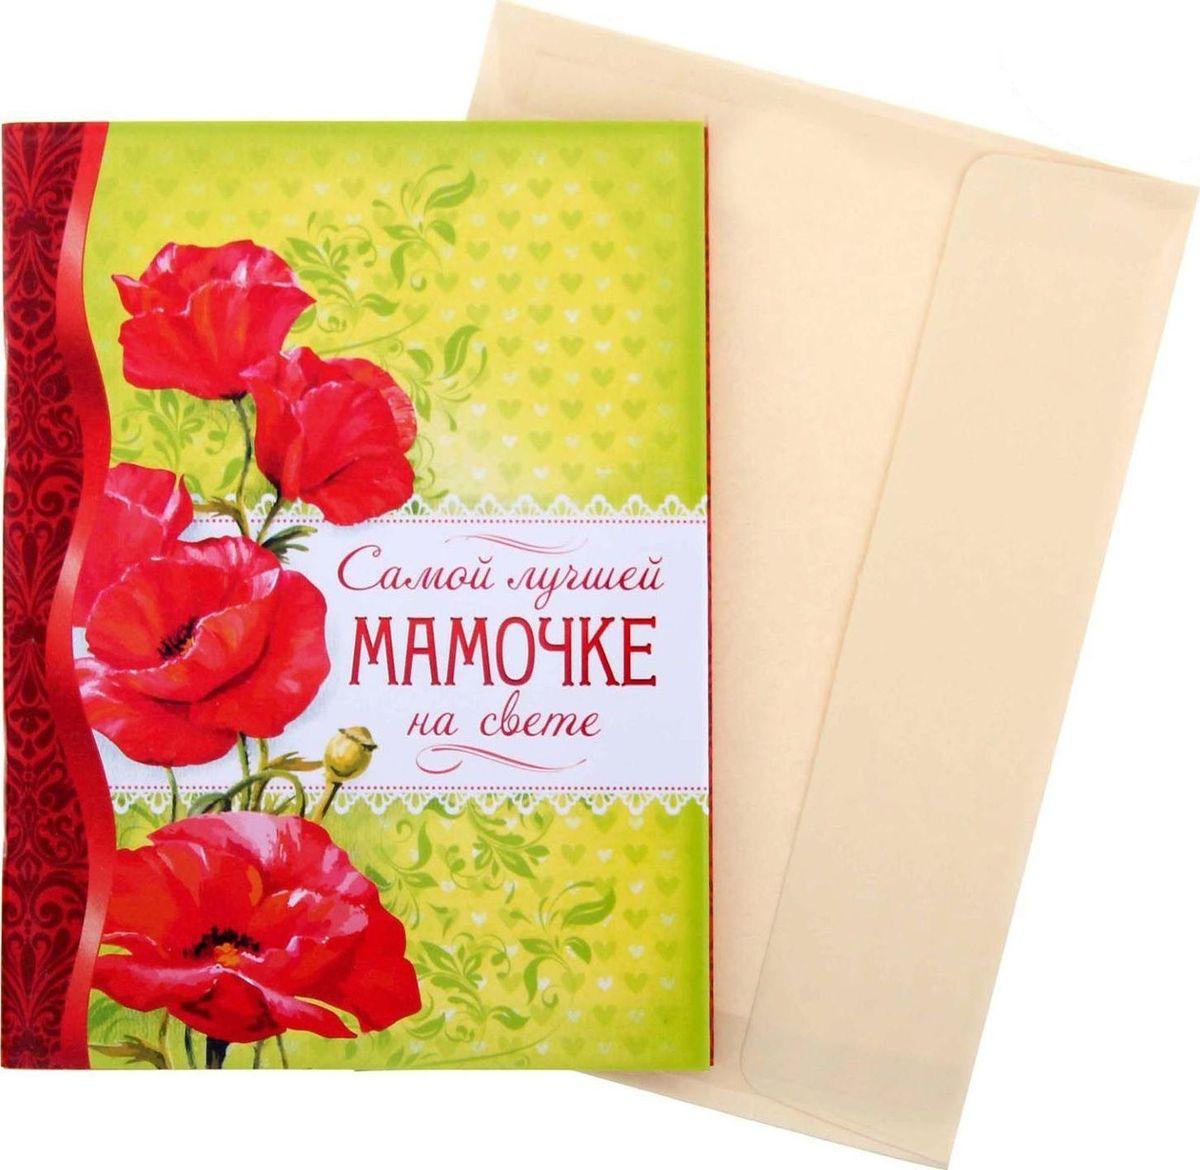 Блокнот-открытка Мамочке 32 листа1104974Блокнот-открытка Мамочке, 32 листа сочетает в себе красоту и практичность. Он содержит приятные пожелания от близких людей, а 32 дизайнерских листа с бархатной фактурой подарят отличное настроение владельцу. В отличие от обычной открытки, которая будет пылиться в шкафу, блокнотом приятно пользоваться! Изделие дополнено универсальным конвертом, подпишите его и вручите сувенир адресату на любой праздник.